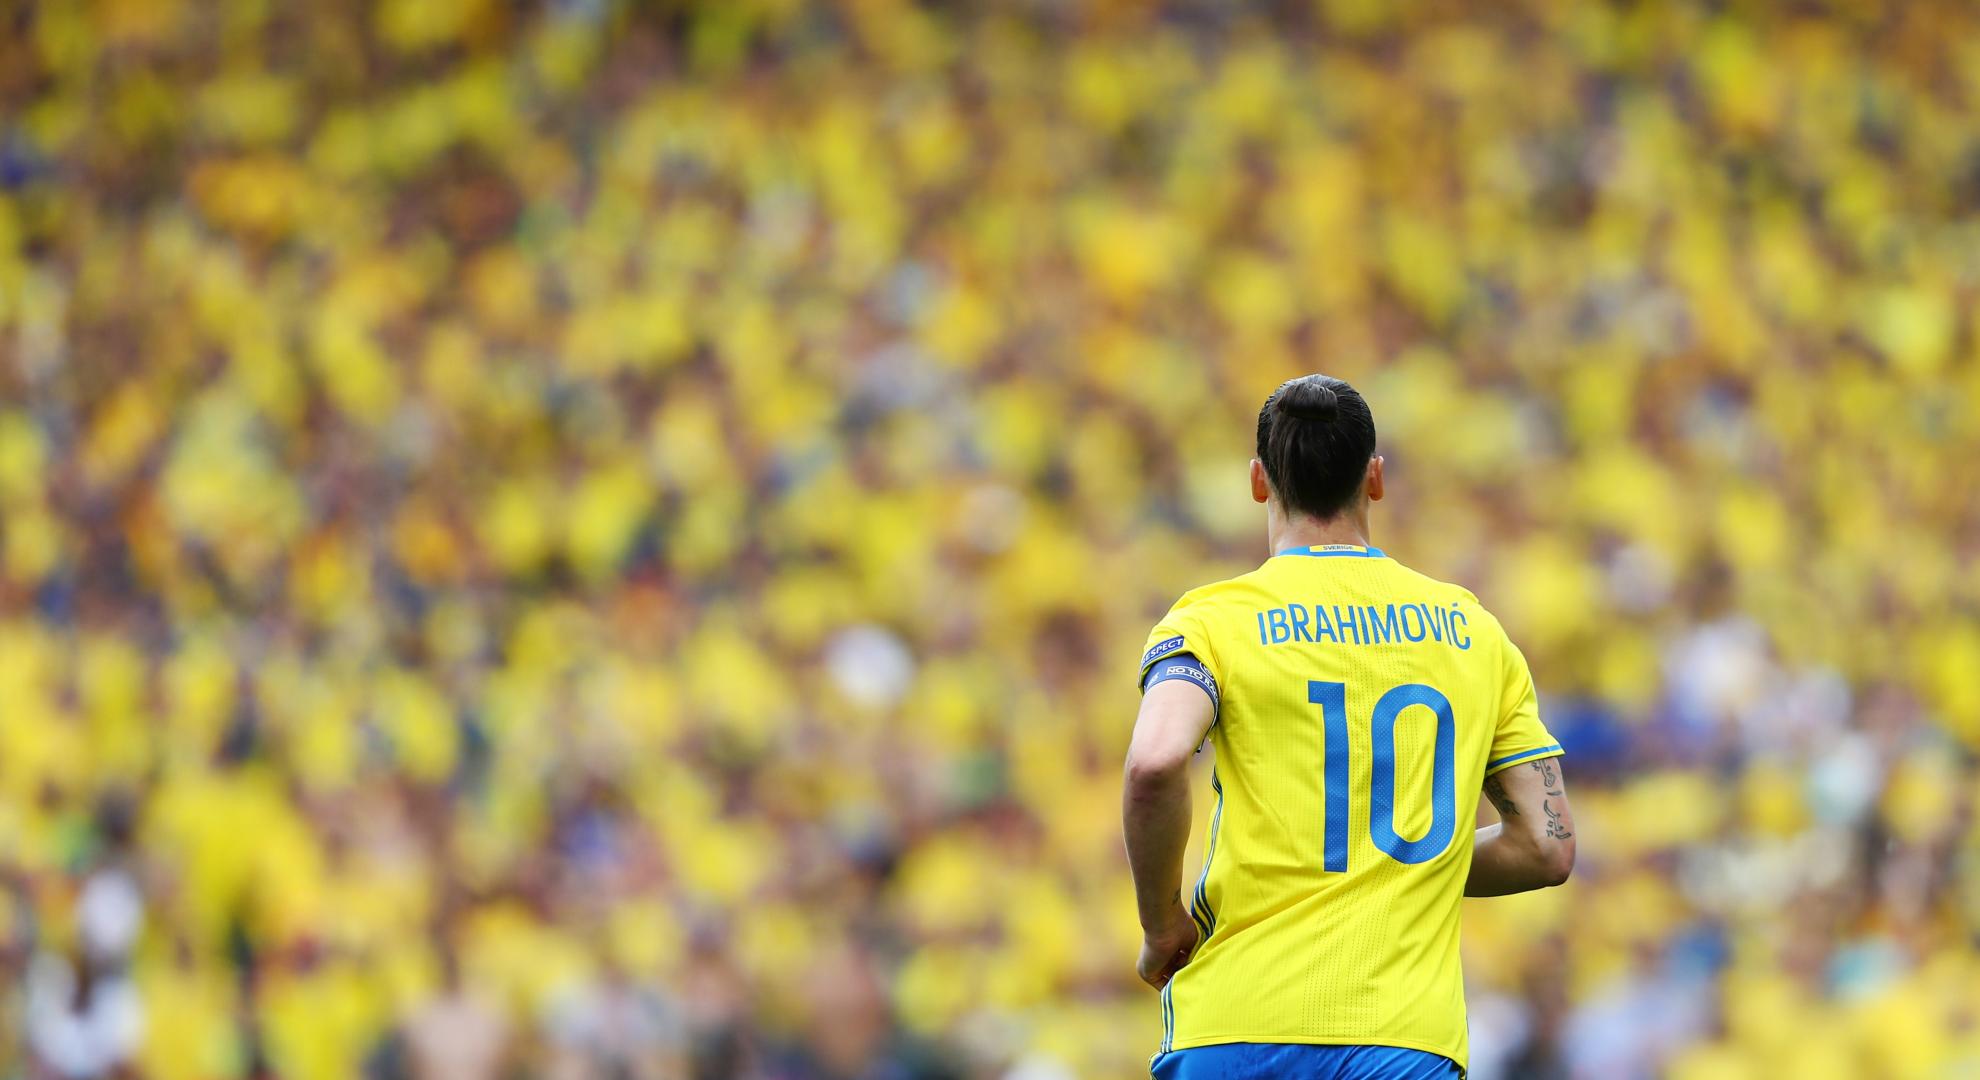 ผลการค้นหารูปภาพสำหรับ โกลสวีเดนเบรคซลาตันร่วมทีมลุยบอลโลก